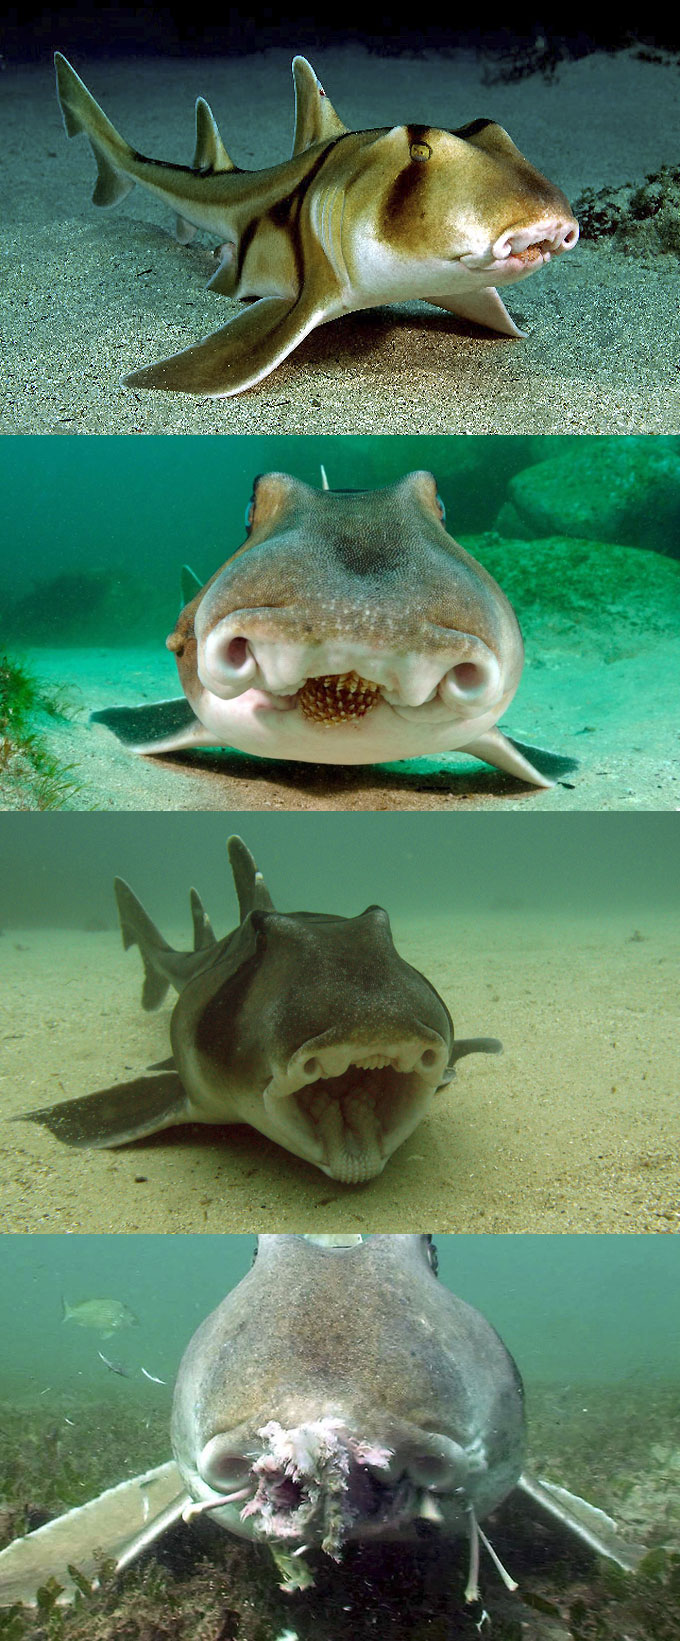 Фото: австралийская бычья акула